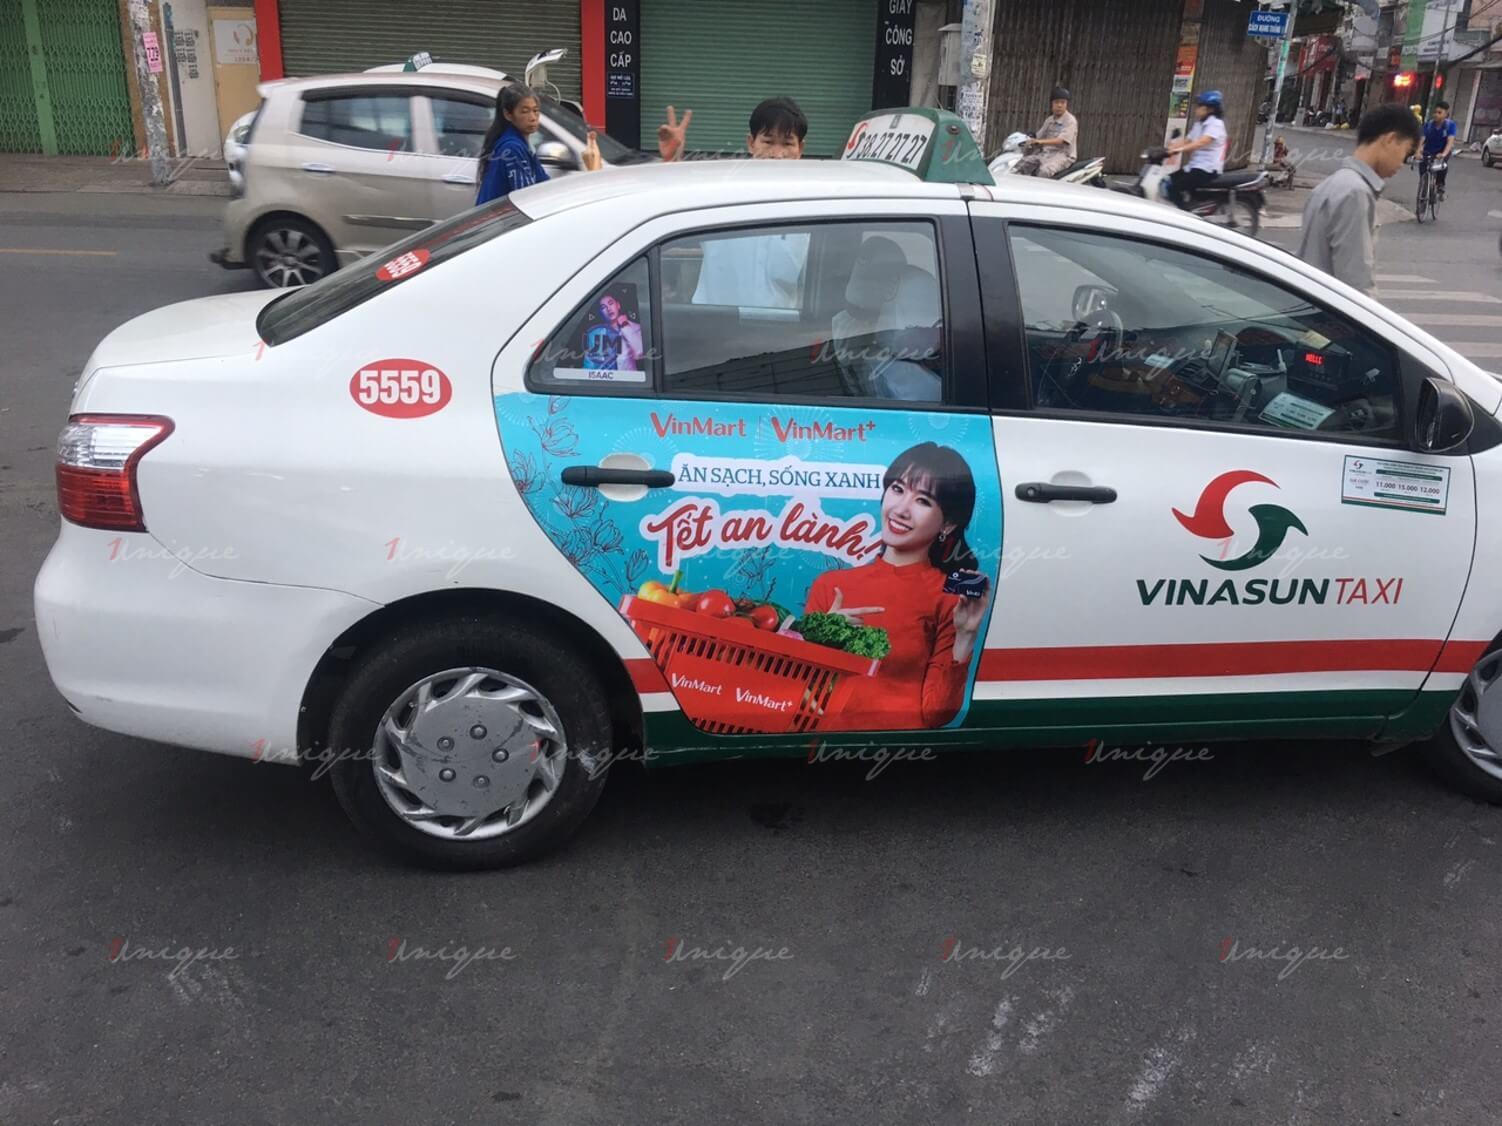 Chiến dịch quảng cáo của Vinmart trên taxi nhân dịp Tết